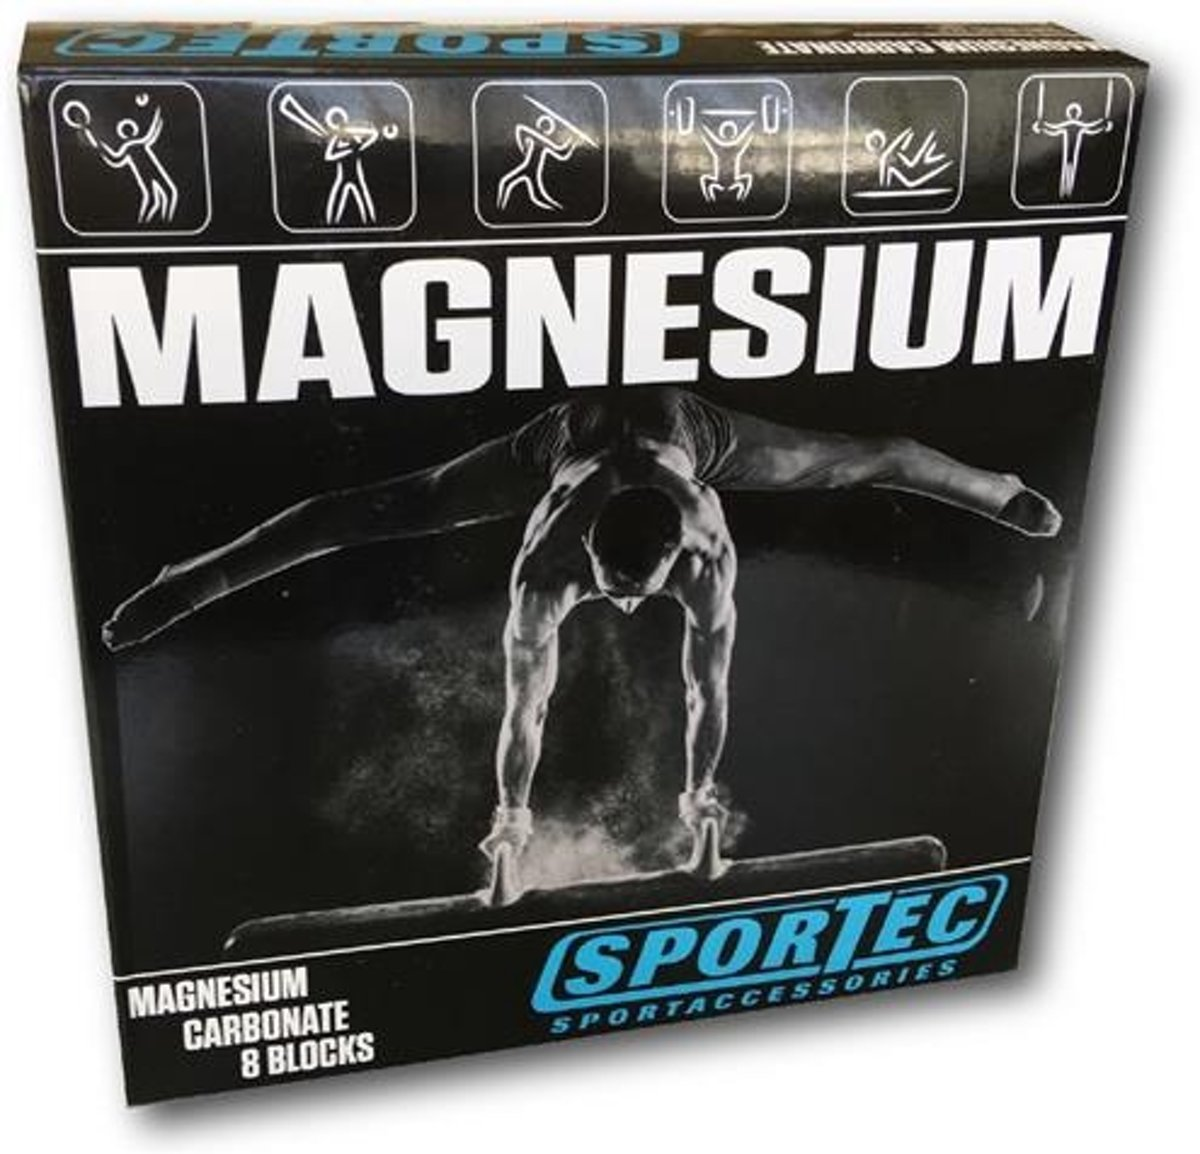 Sportec - Magnesium - Wit - 8 blokken